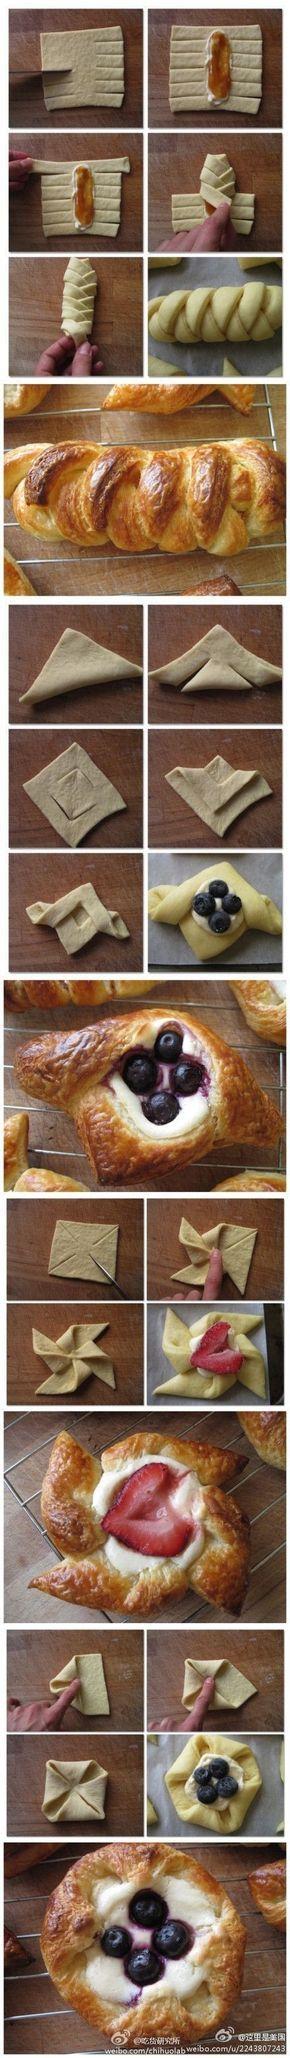 Pastry folding 101 // Blätterteig falten